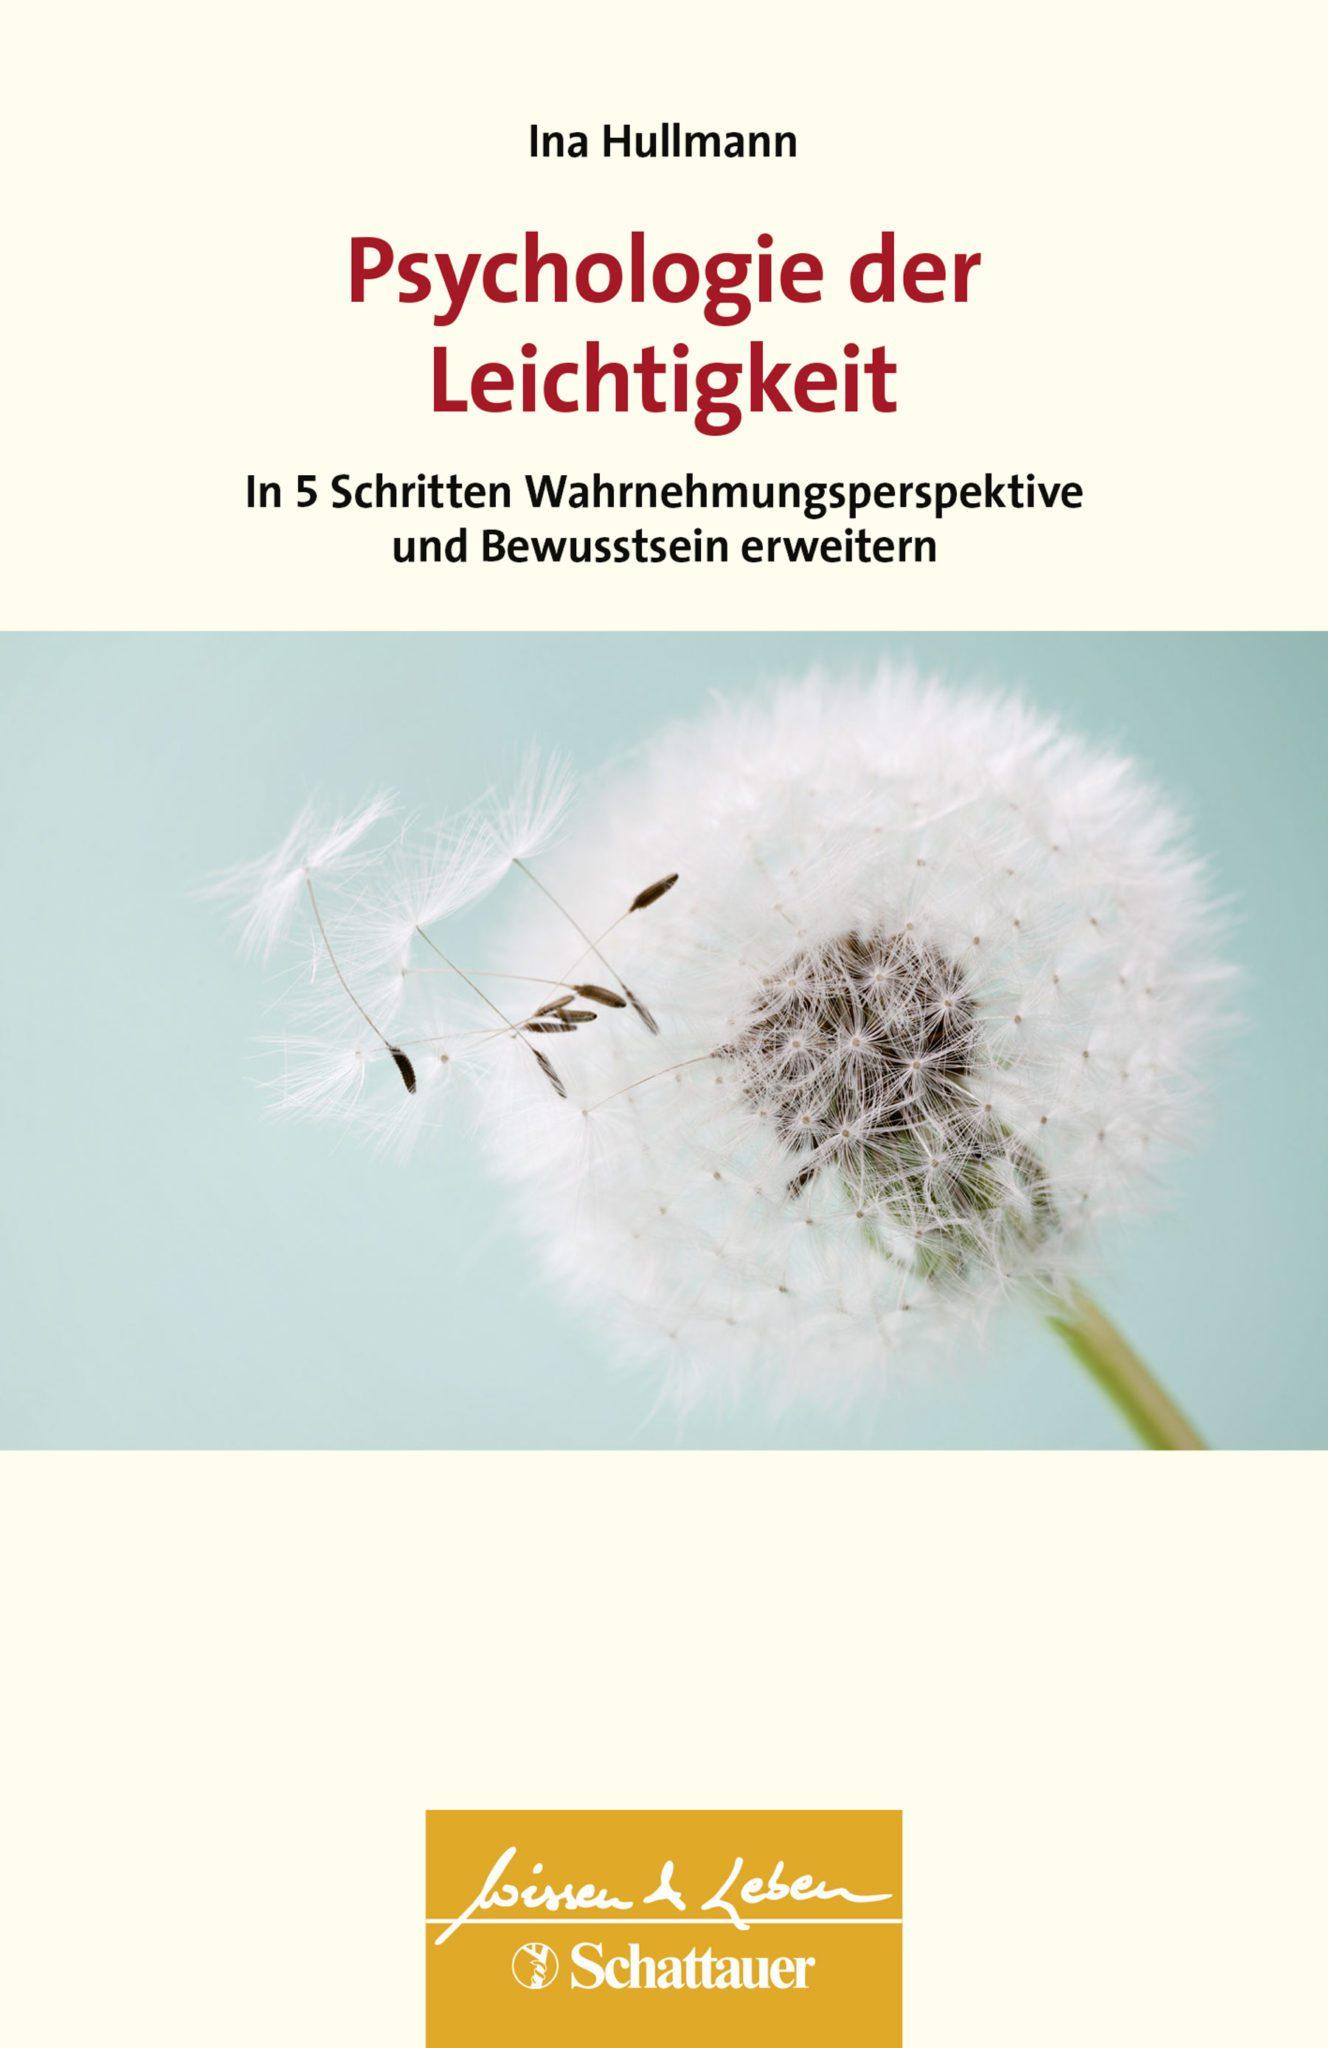 Ina Hullmann - Psychologie der Leichtigkeit 9783608400380 Buch Cover